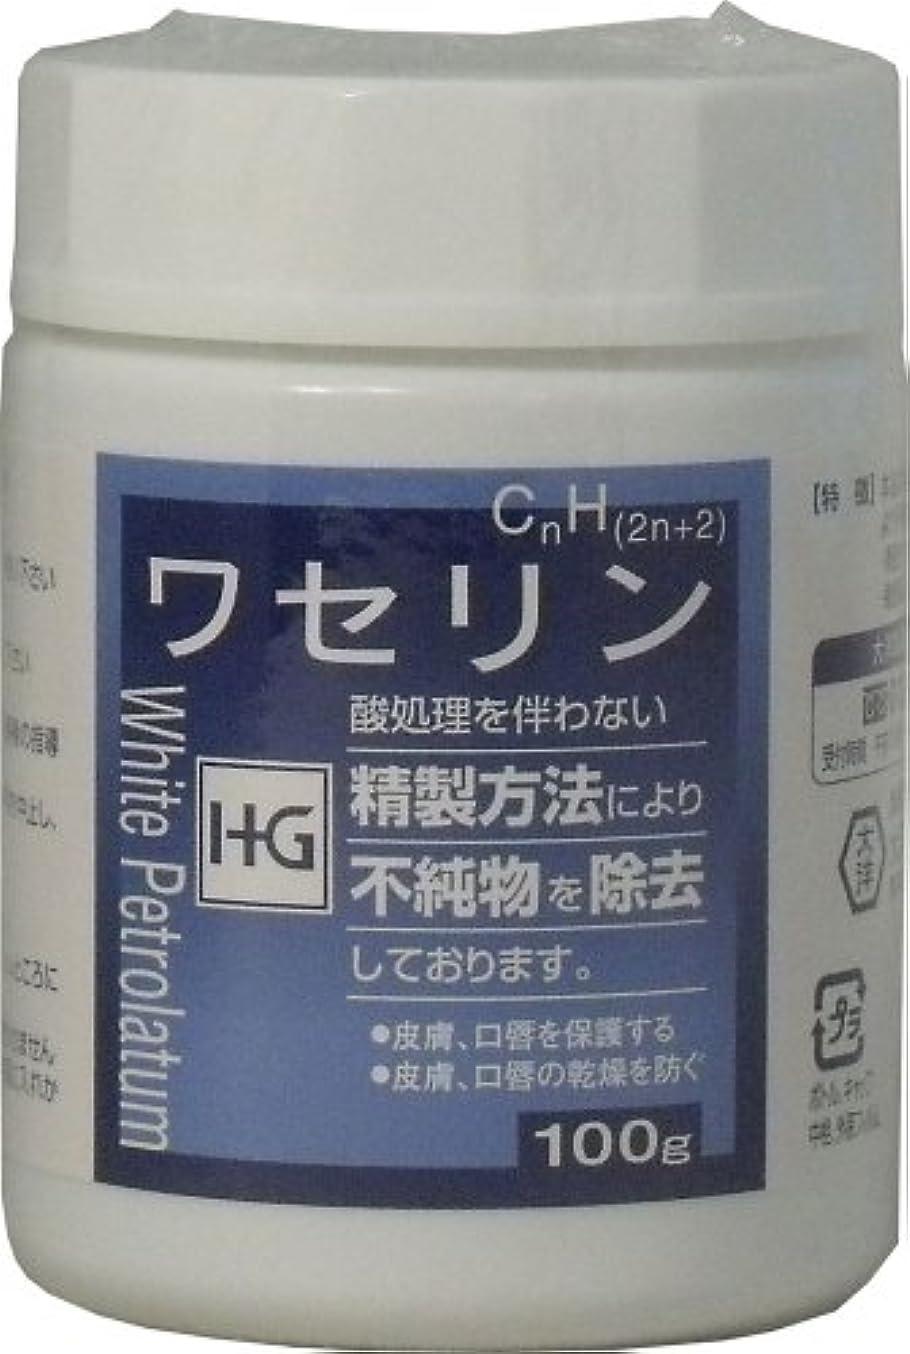 皮膚保護 ワセリンHG 100g ×3個セット